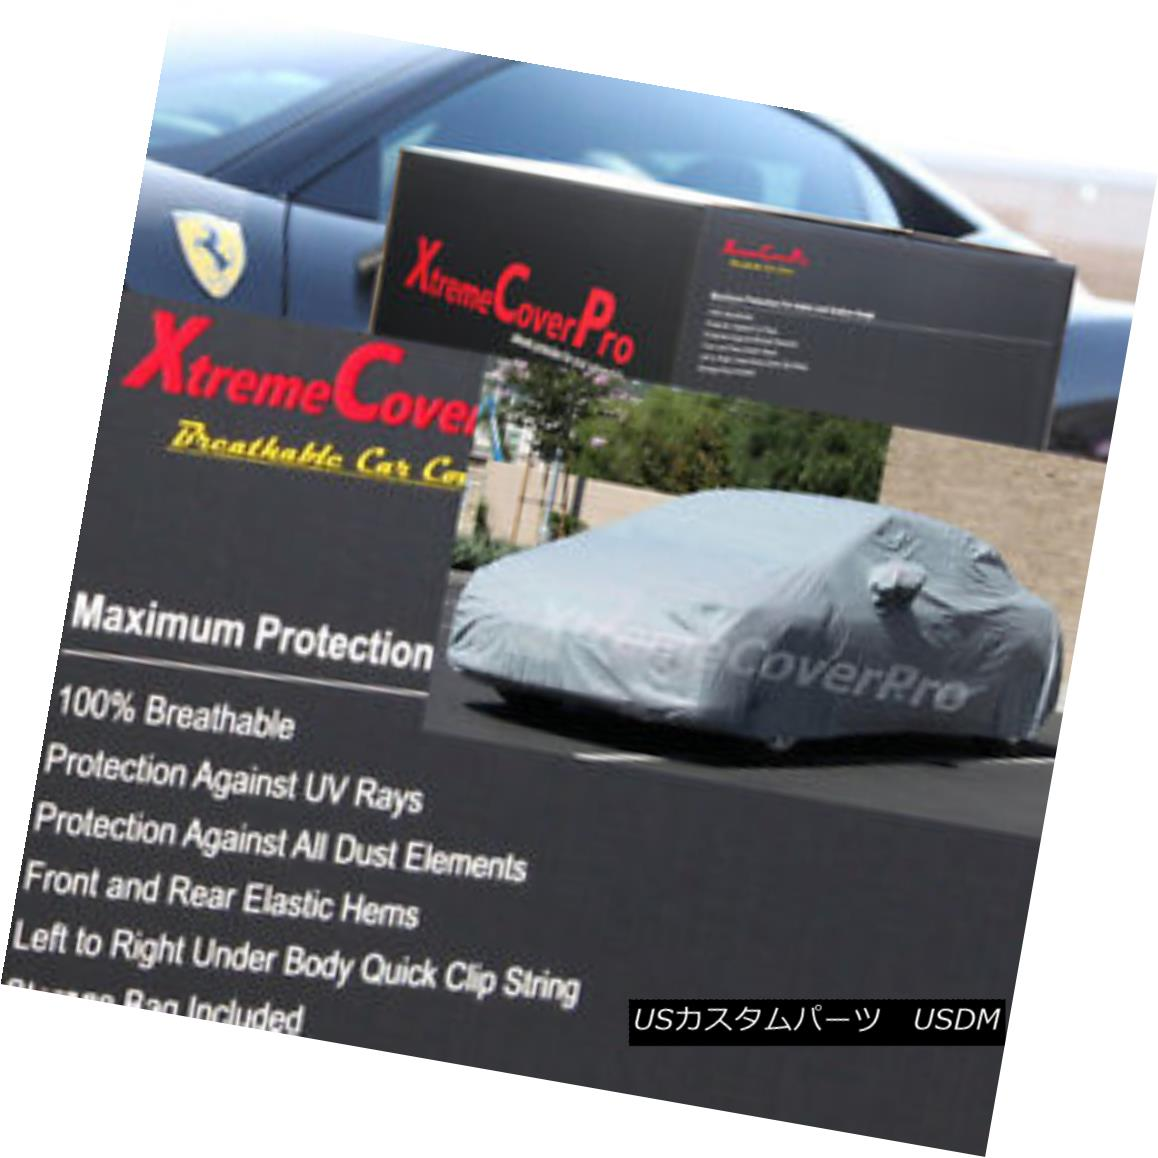 カーカバー 2014 Volkswagen GTI Breathable Car Cover w/ Mirror Pocket 2014フォルクスワーゲンGTI通気性車カバー(ミラーポケット付)